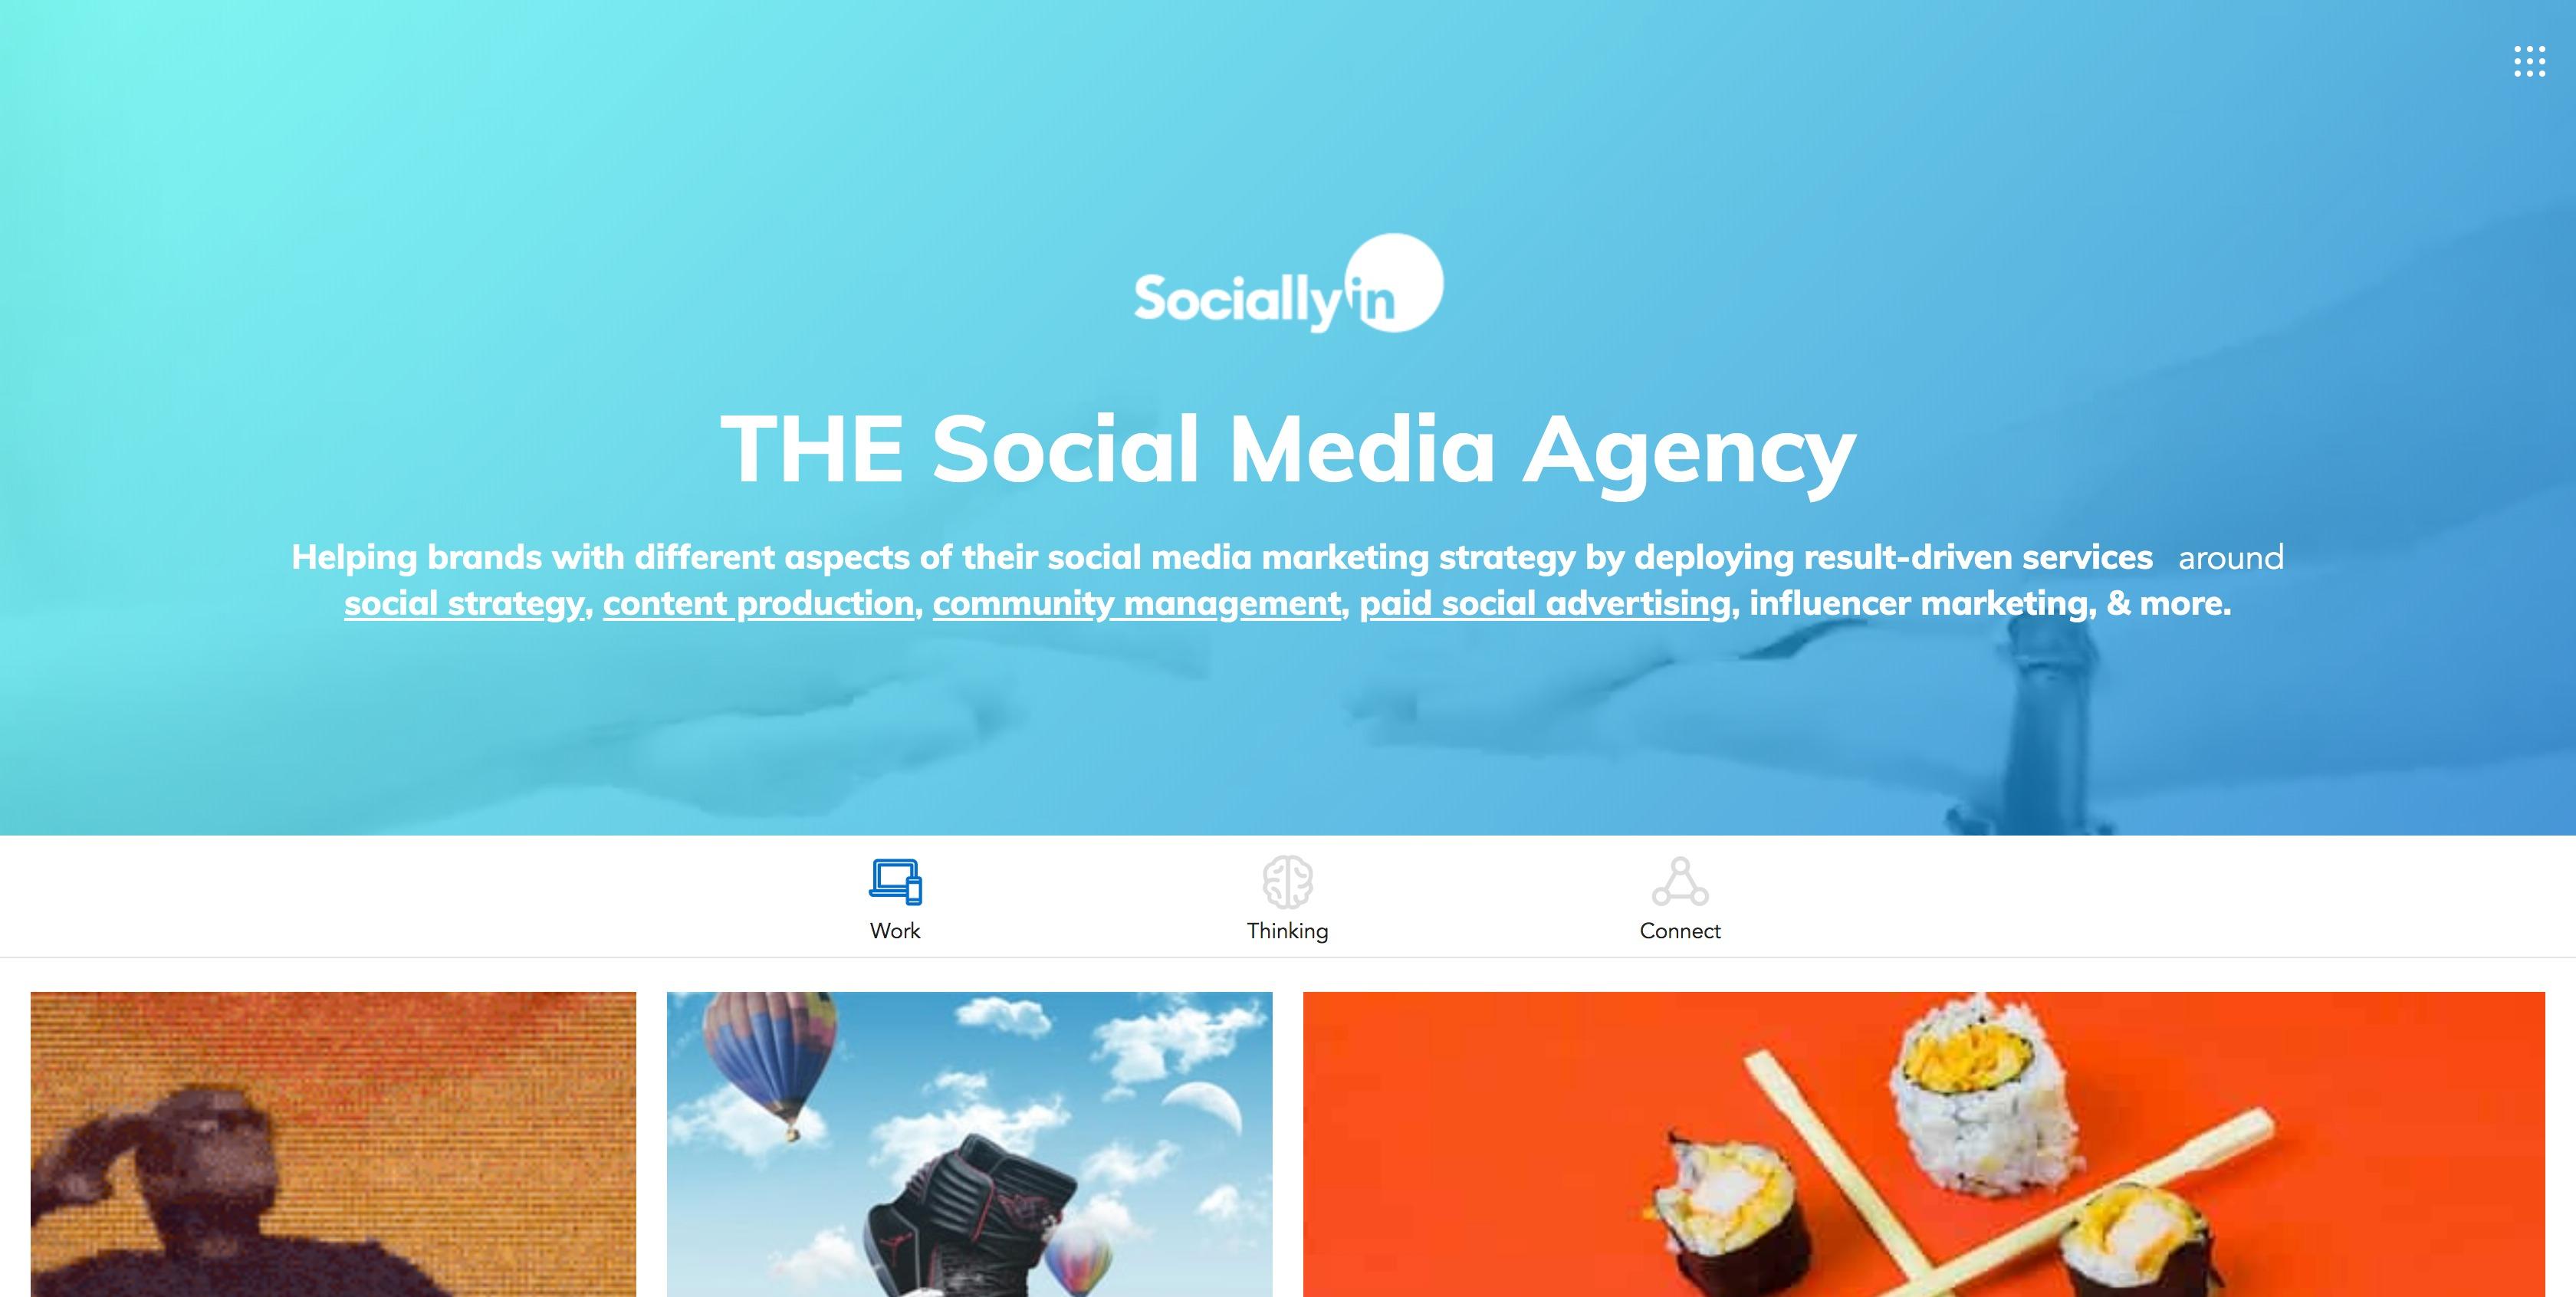 sociallyin social media agency